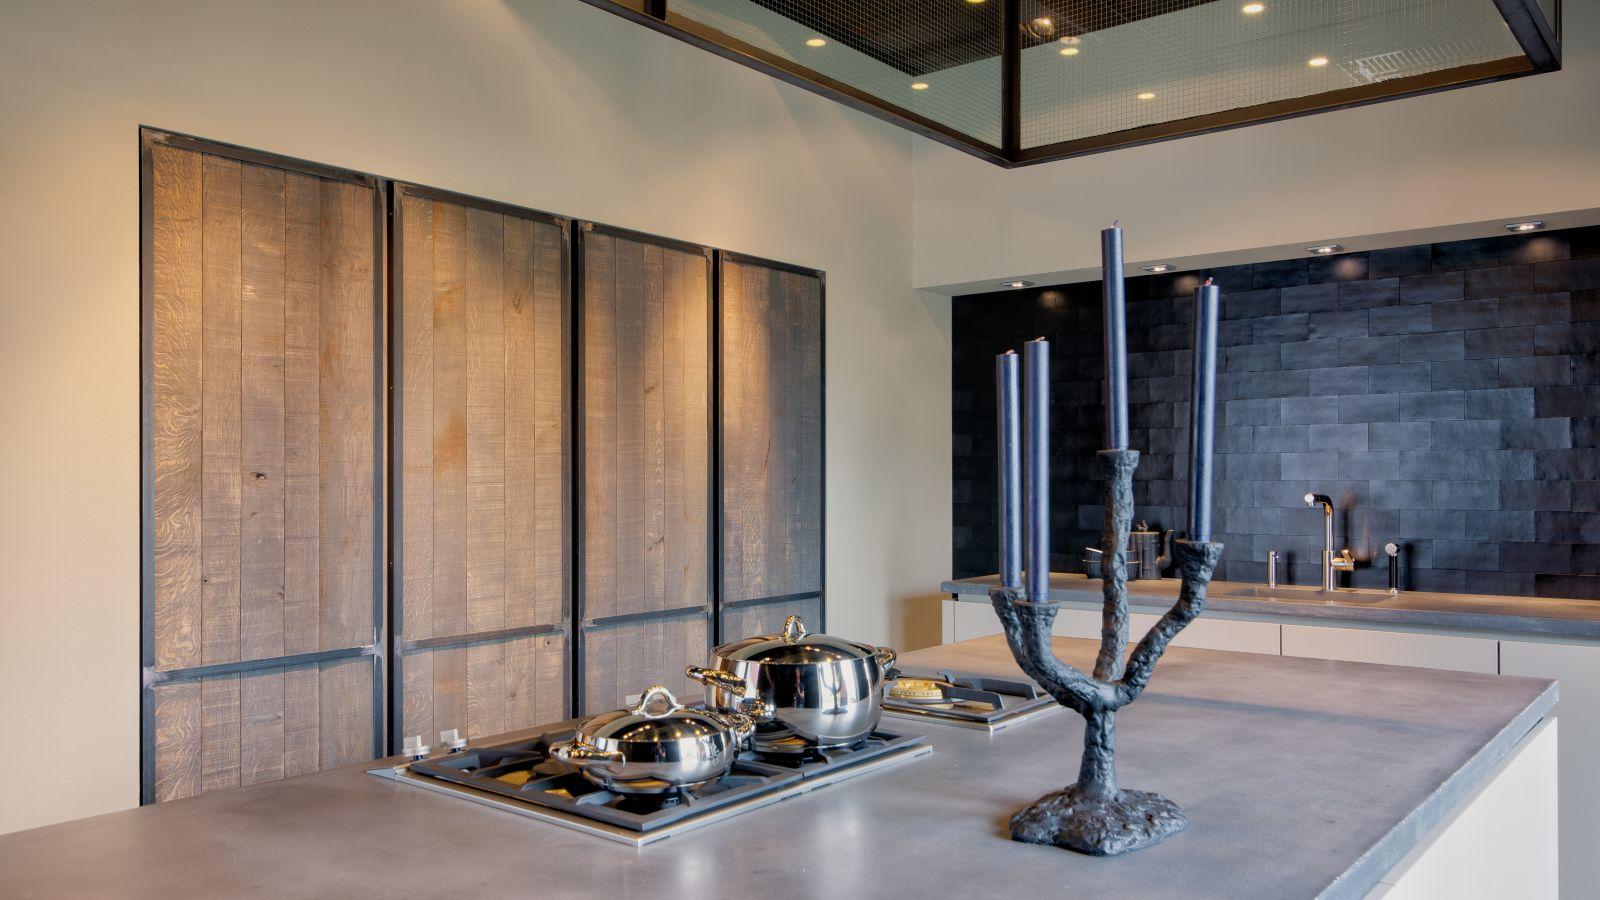 Keuken panelen hout gehoor geven aan uw huis